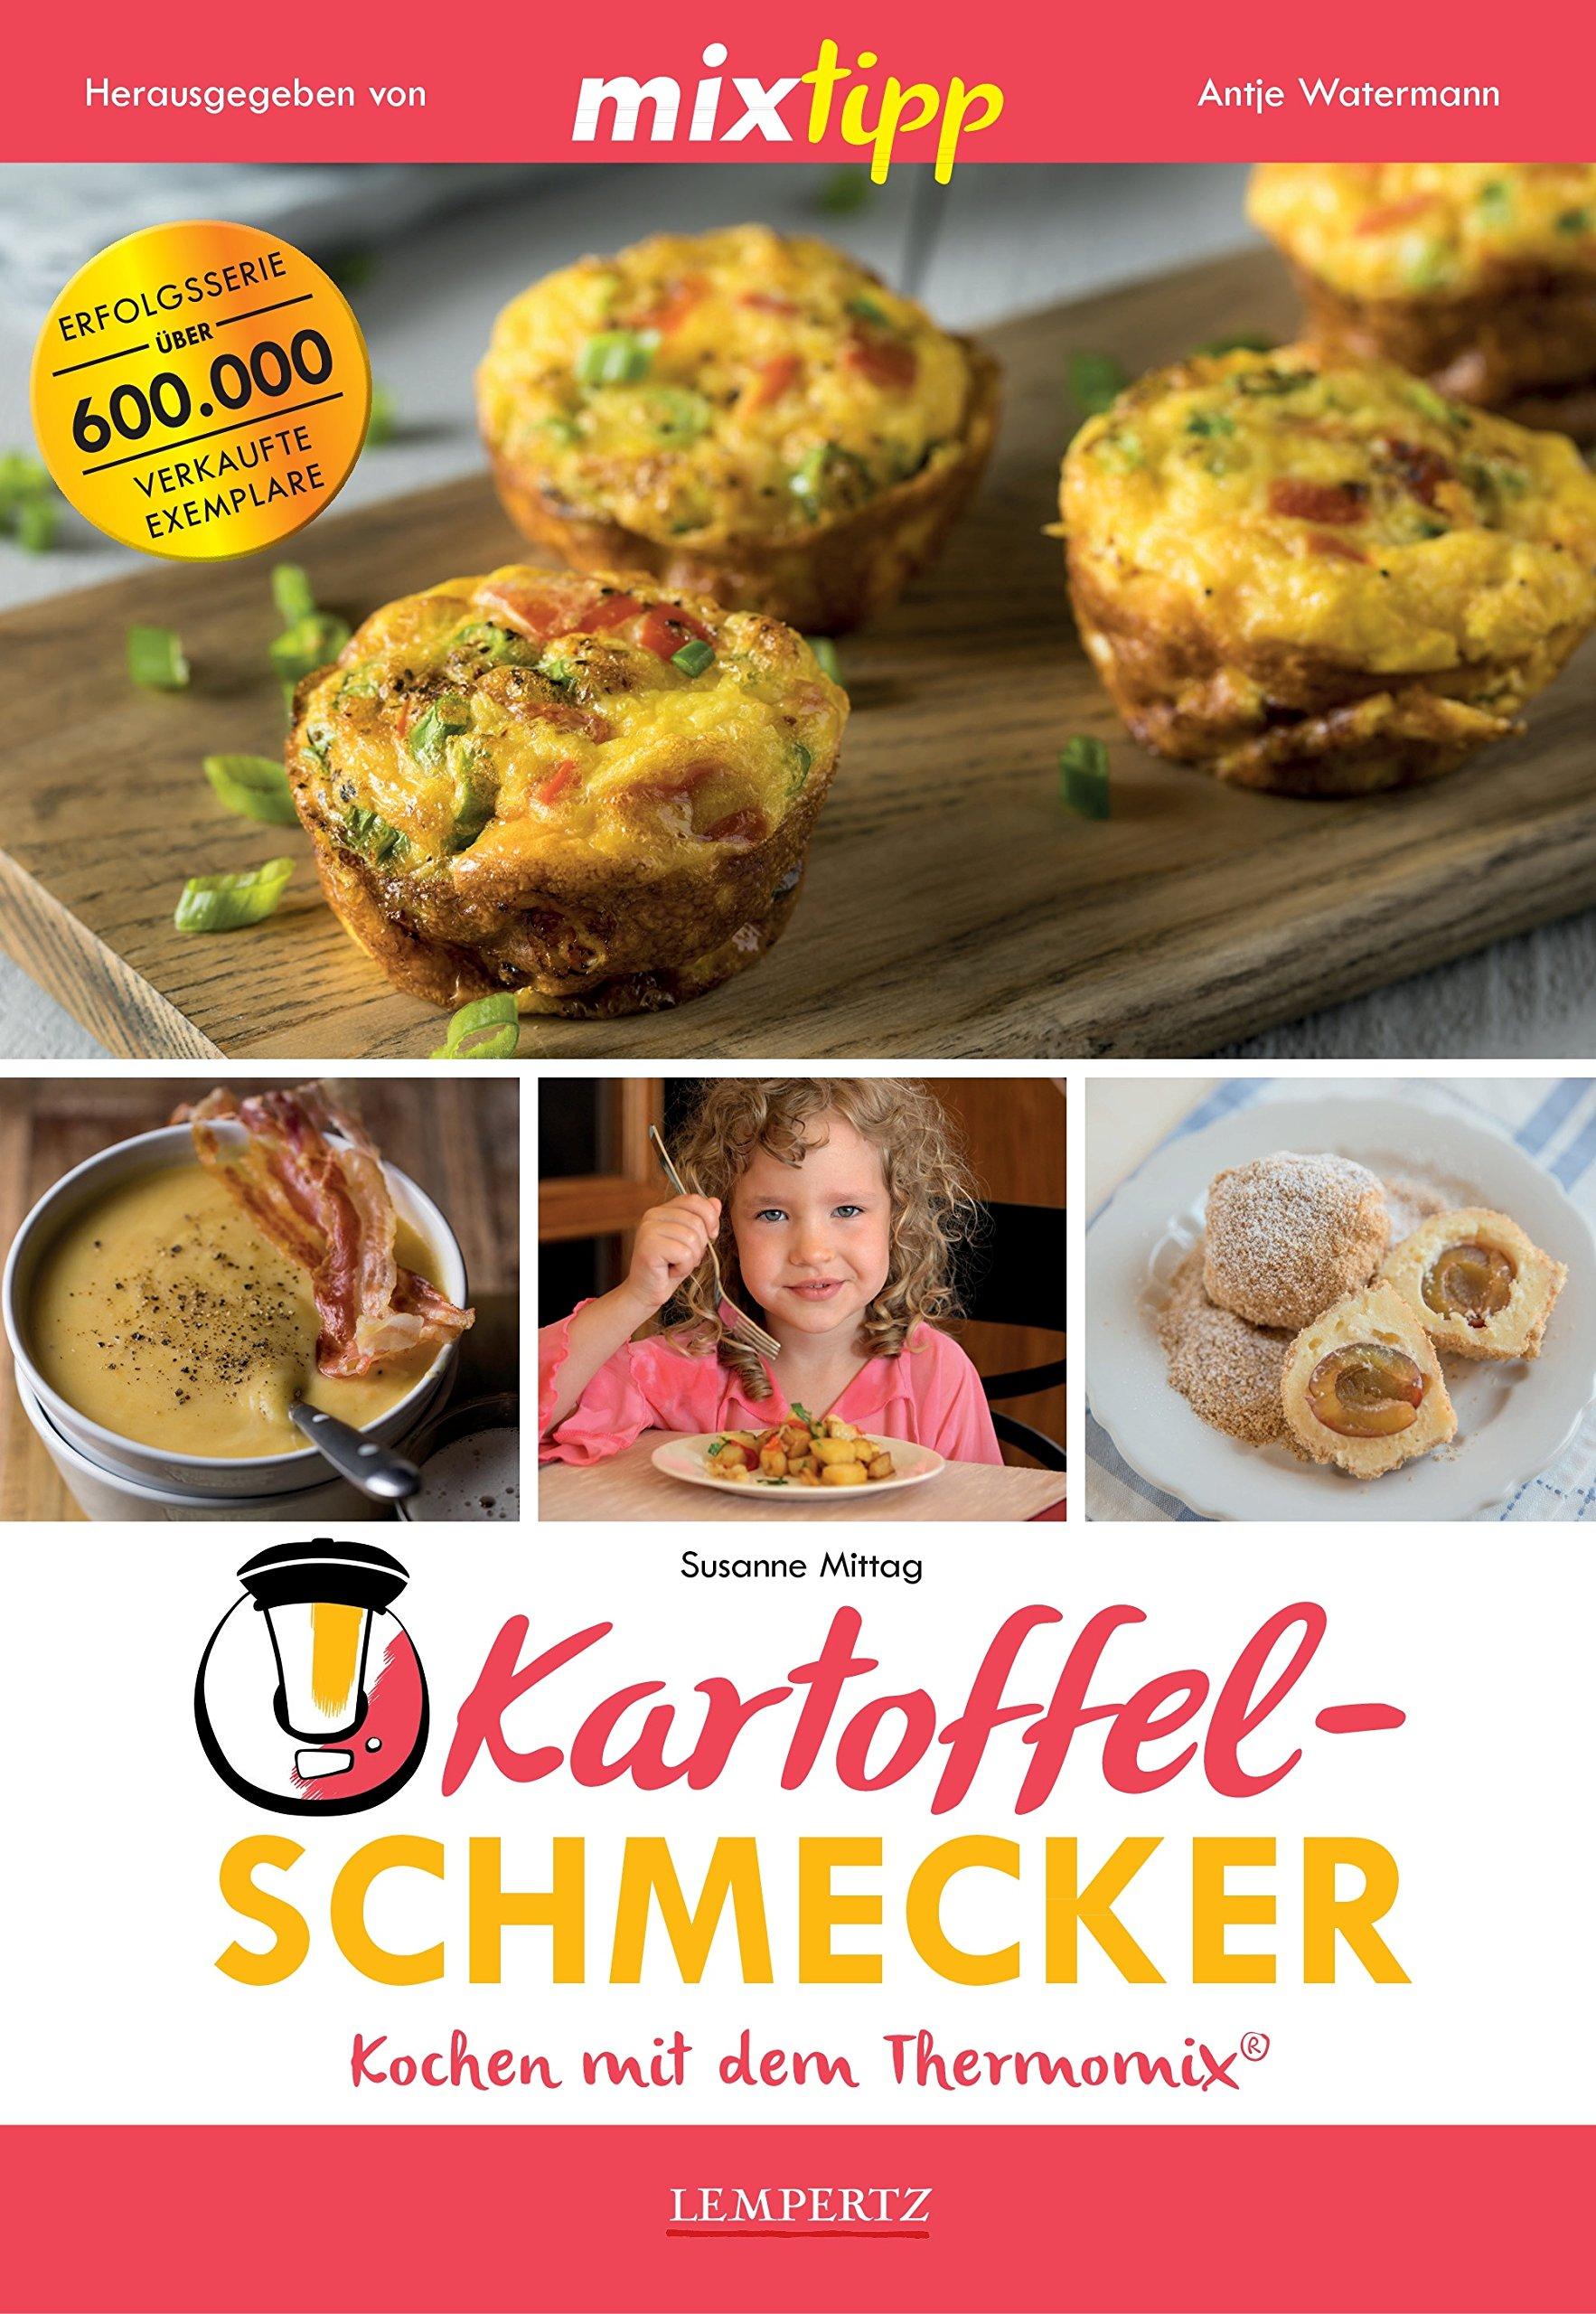 mixtipp: Kartoffel-Schmecker – Kochen mit dem Thermomix